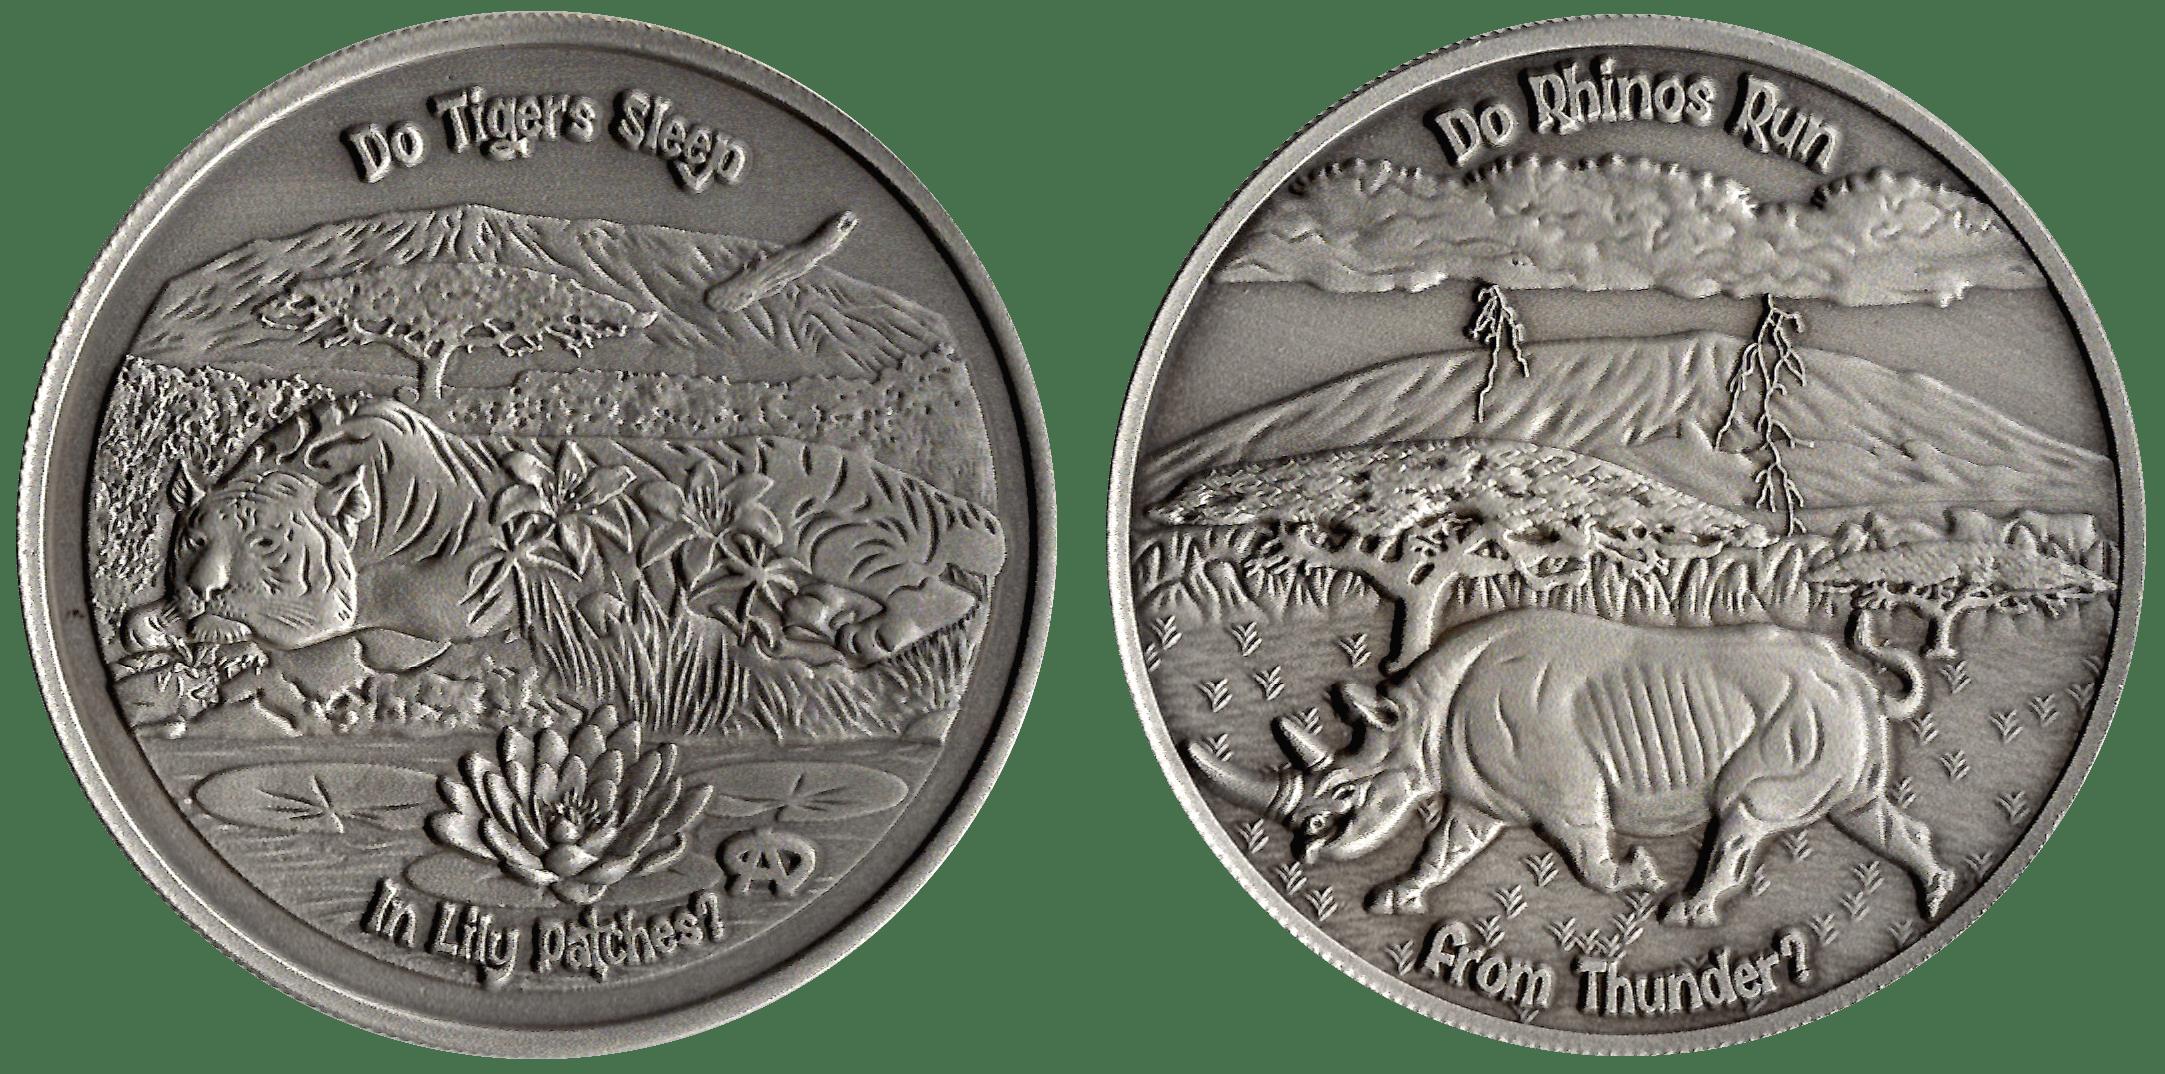 Coin clipart ancient coin. Coins phanart music art